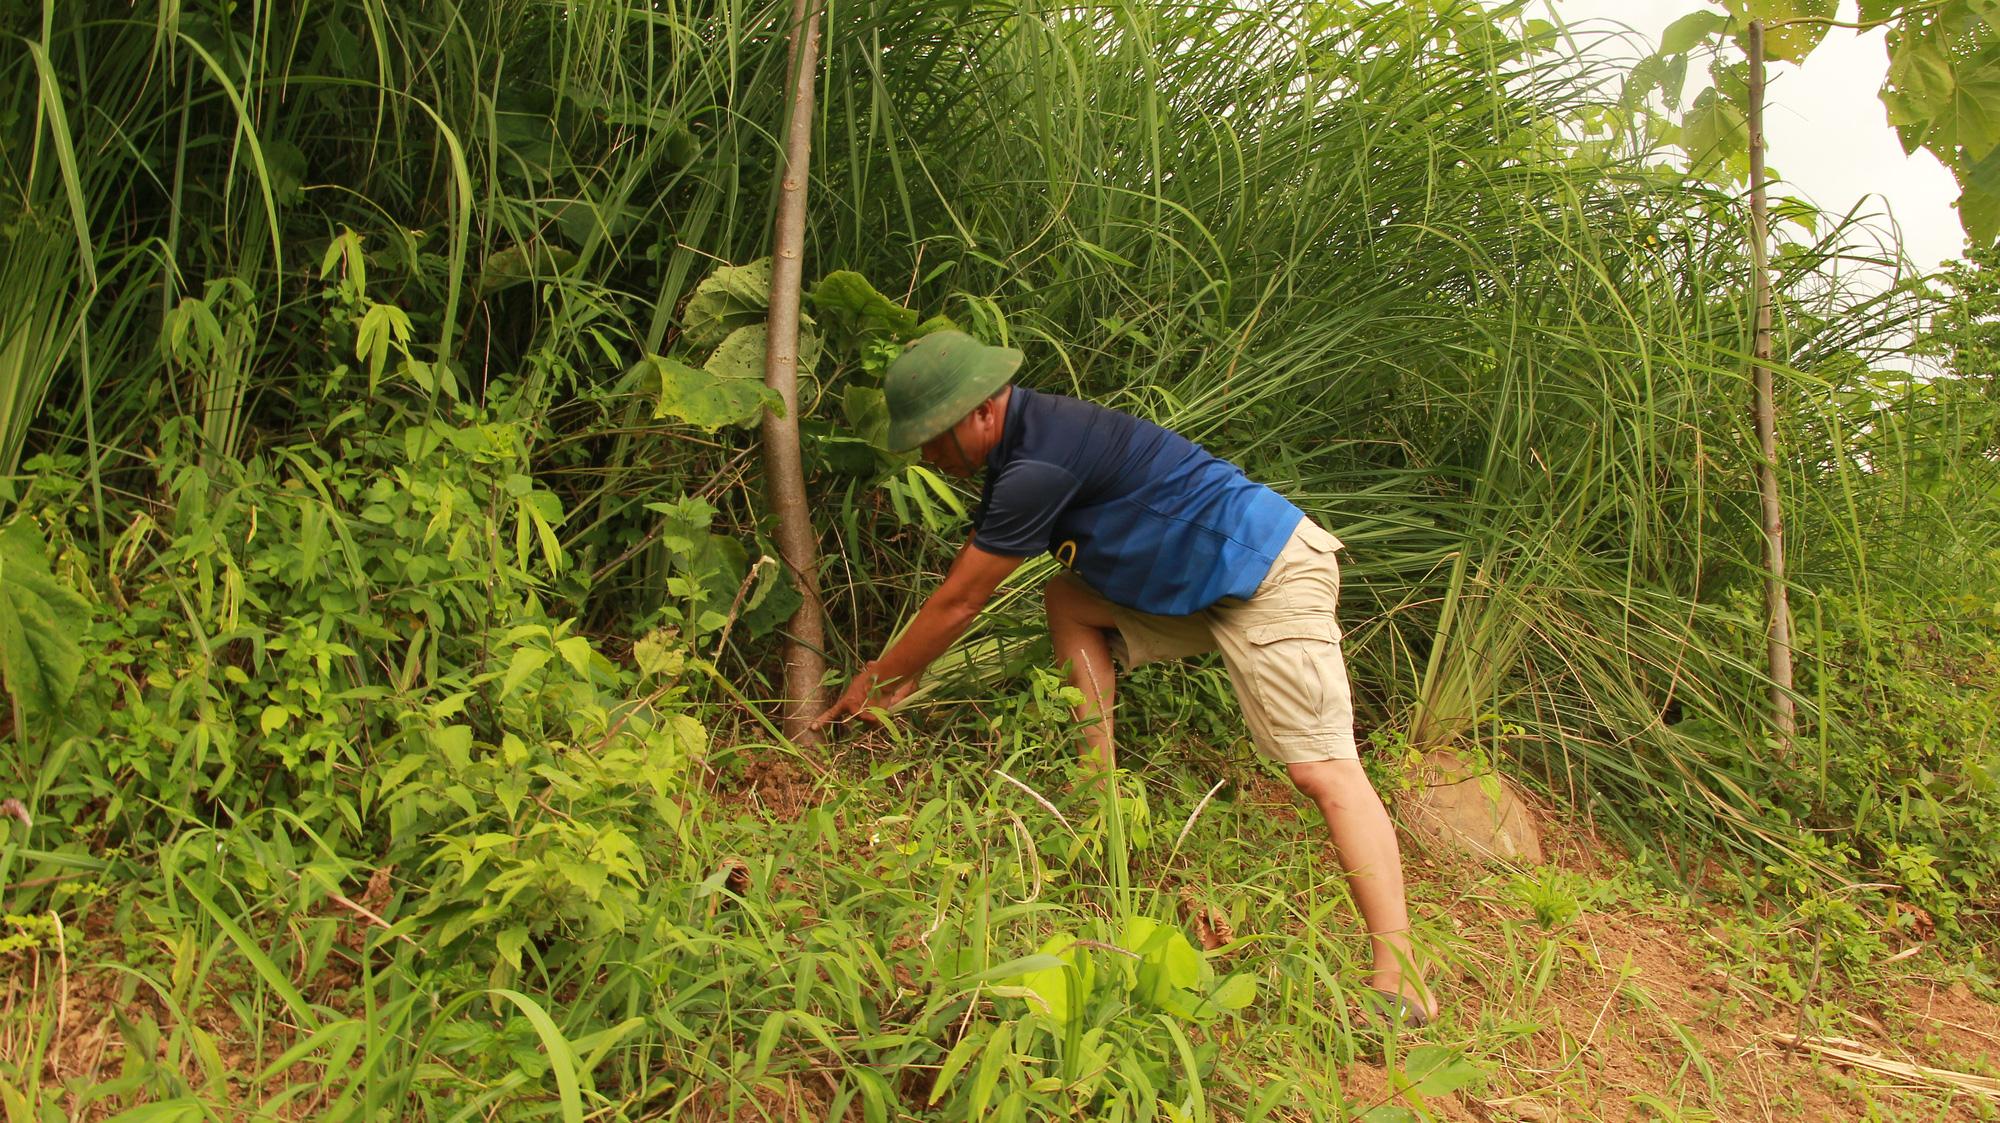 Hà Nội: Nông dân trồng thứ cây gì mà được Cục trồng trọt cấp bằng bảo hộ tới 25 năm, quý hơn gỗ pơ mu? - Ảnh 3.